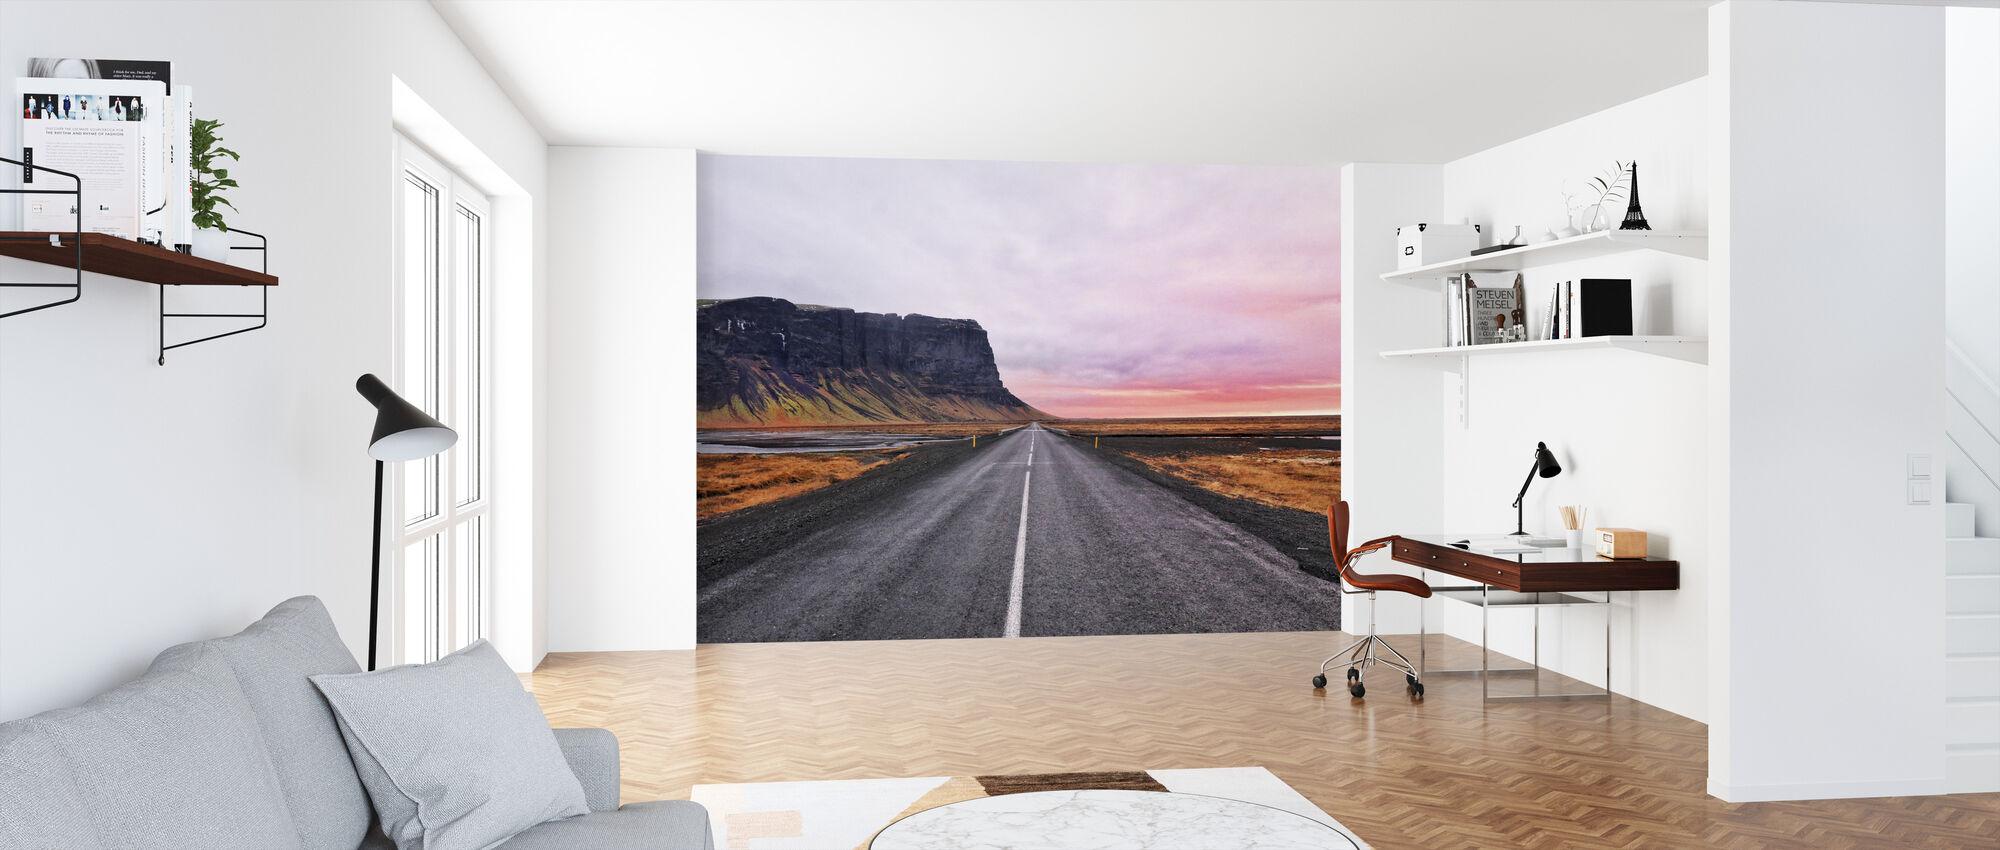 Open Road - Wallpaper - Office